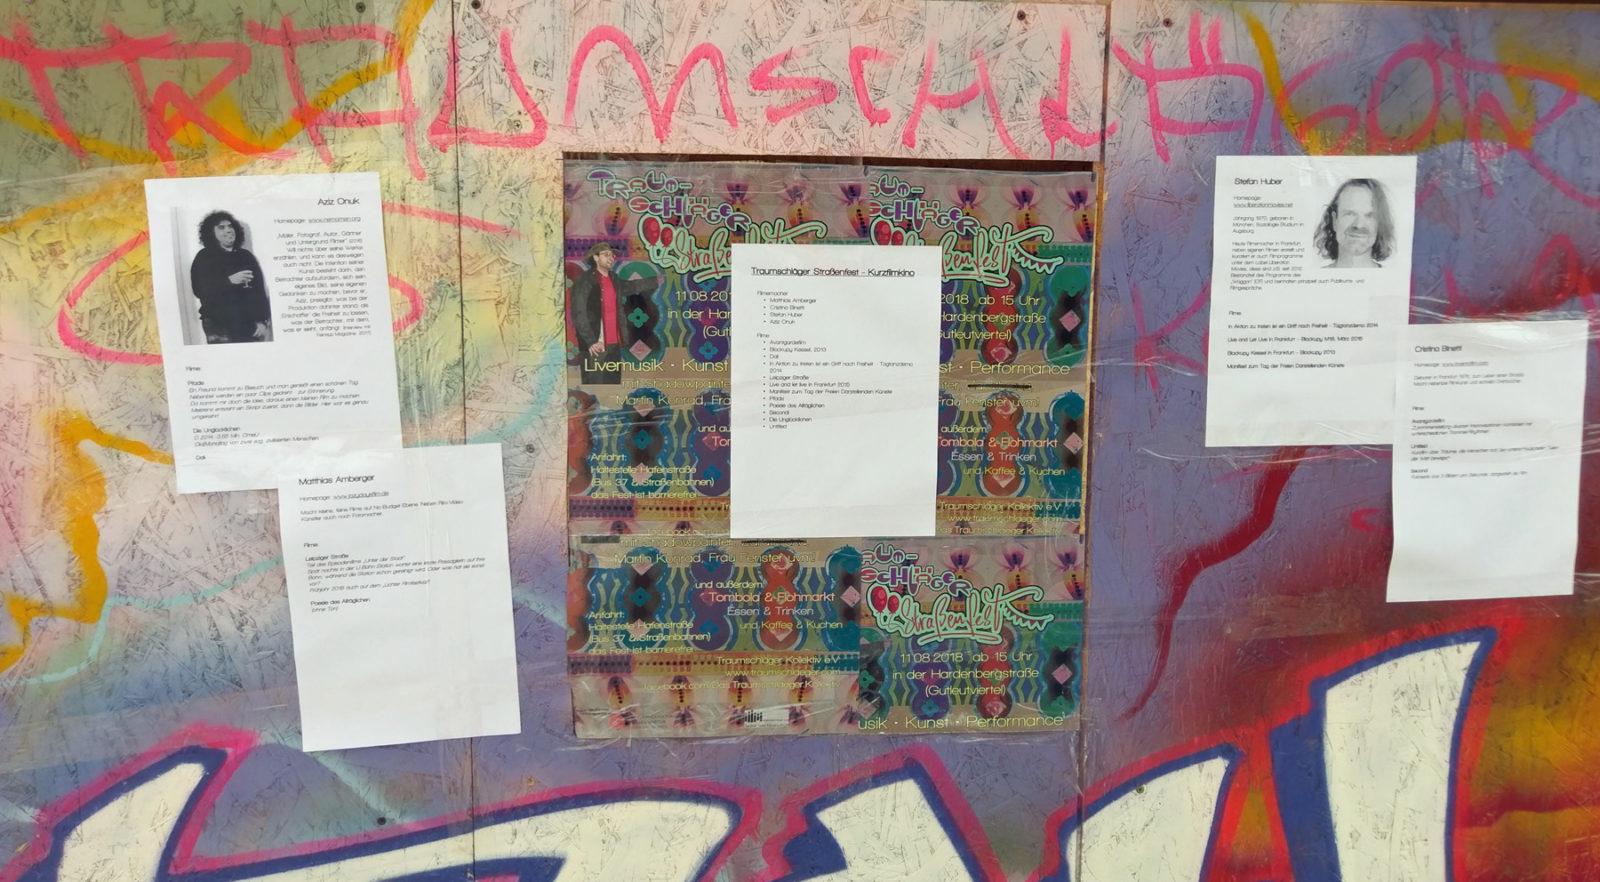 Seitenwand der Kunsthaltestelle/Miniaturkino, dekoriert mit Graffiti und Straßenfest-Plakaten, darauf verteilt Info-Blätter zum Kinoprogramm über alle Filme und die Filmemacher